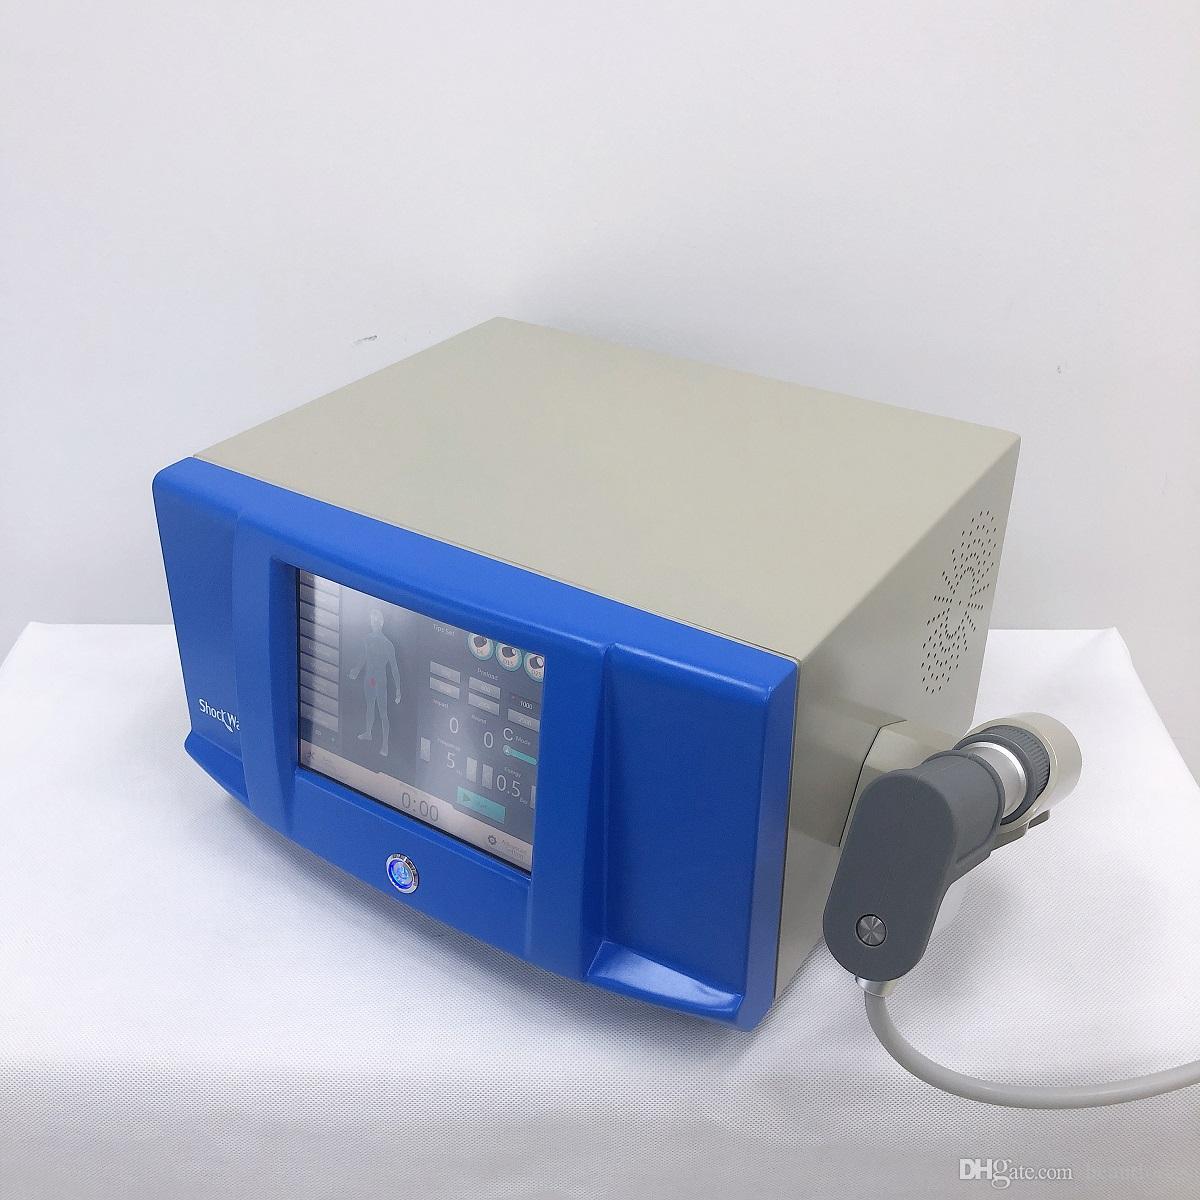 Давление воздуха ударная волна машина, акустическая волна для лечения, физиотерапии изд машины, эректильной дисфункции, лечение ударной волны устройства